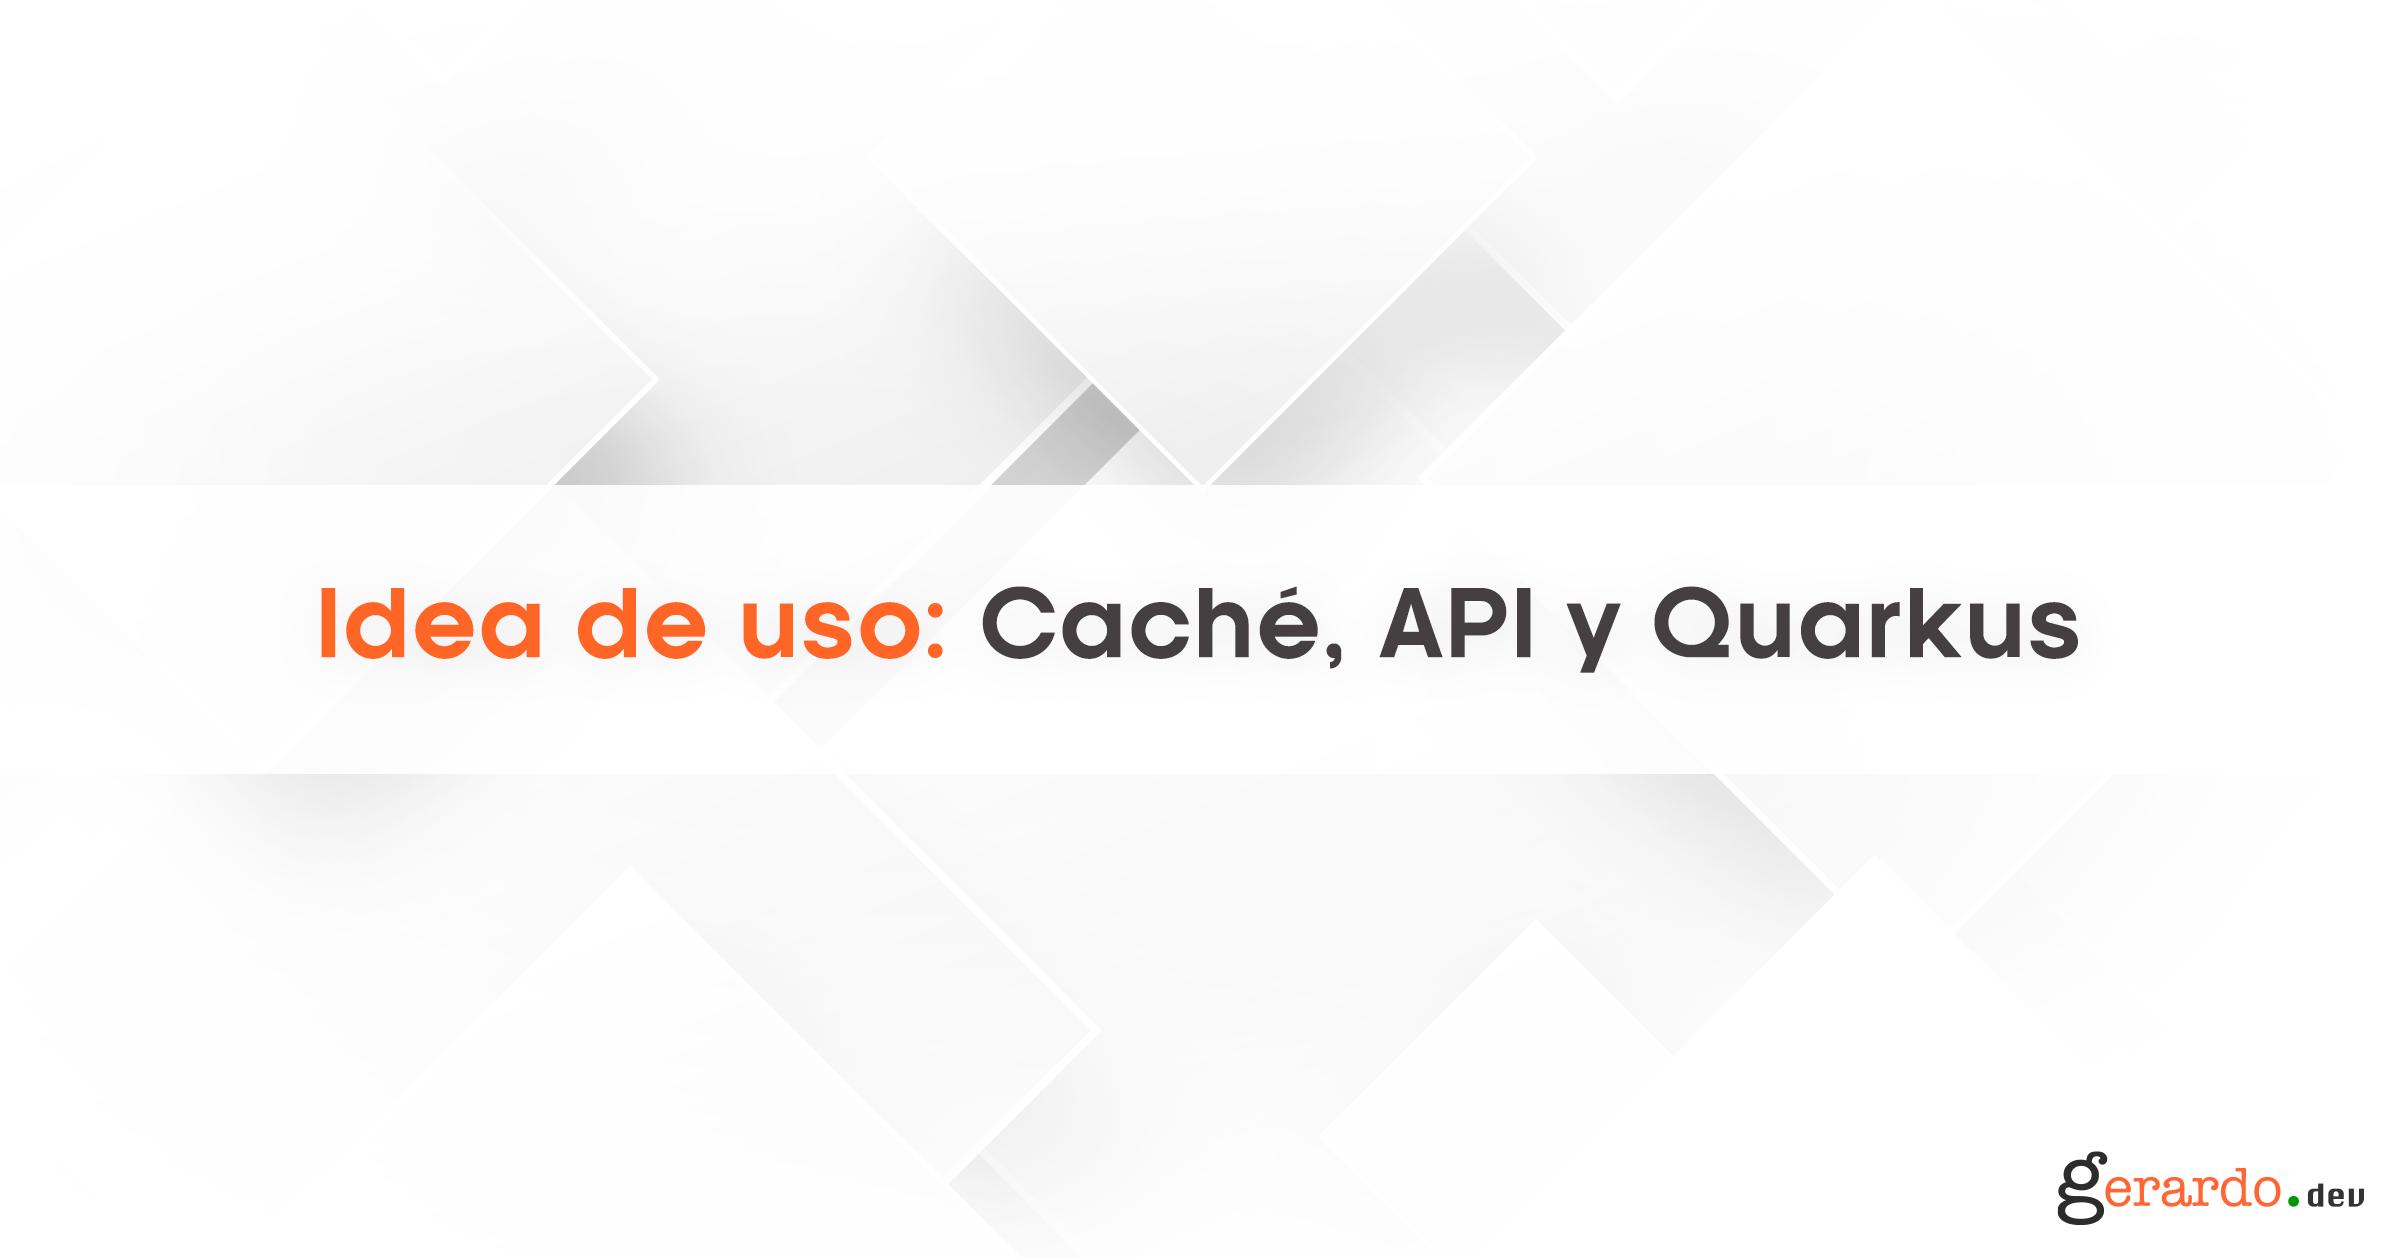 Idea de Uso: Caché, API y Quarkus